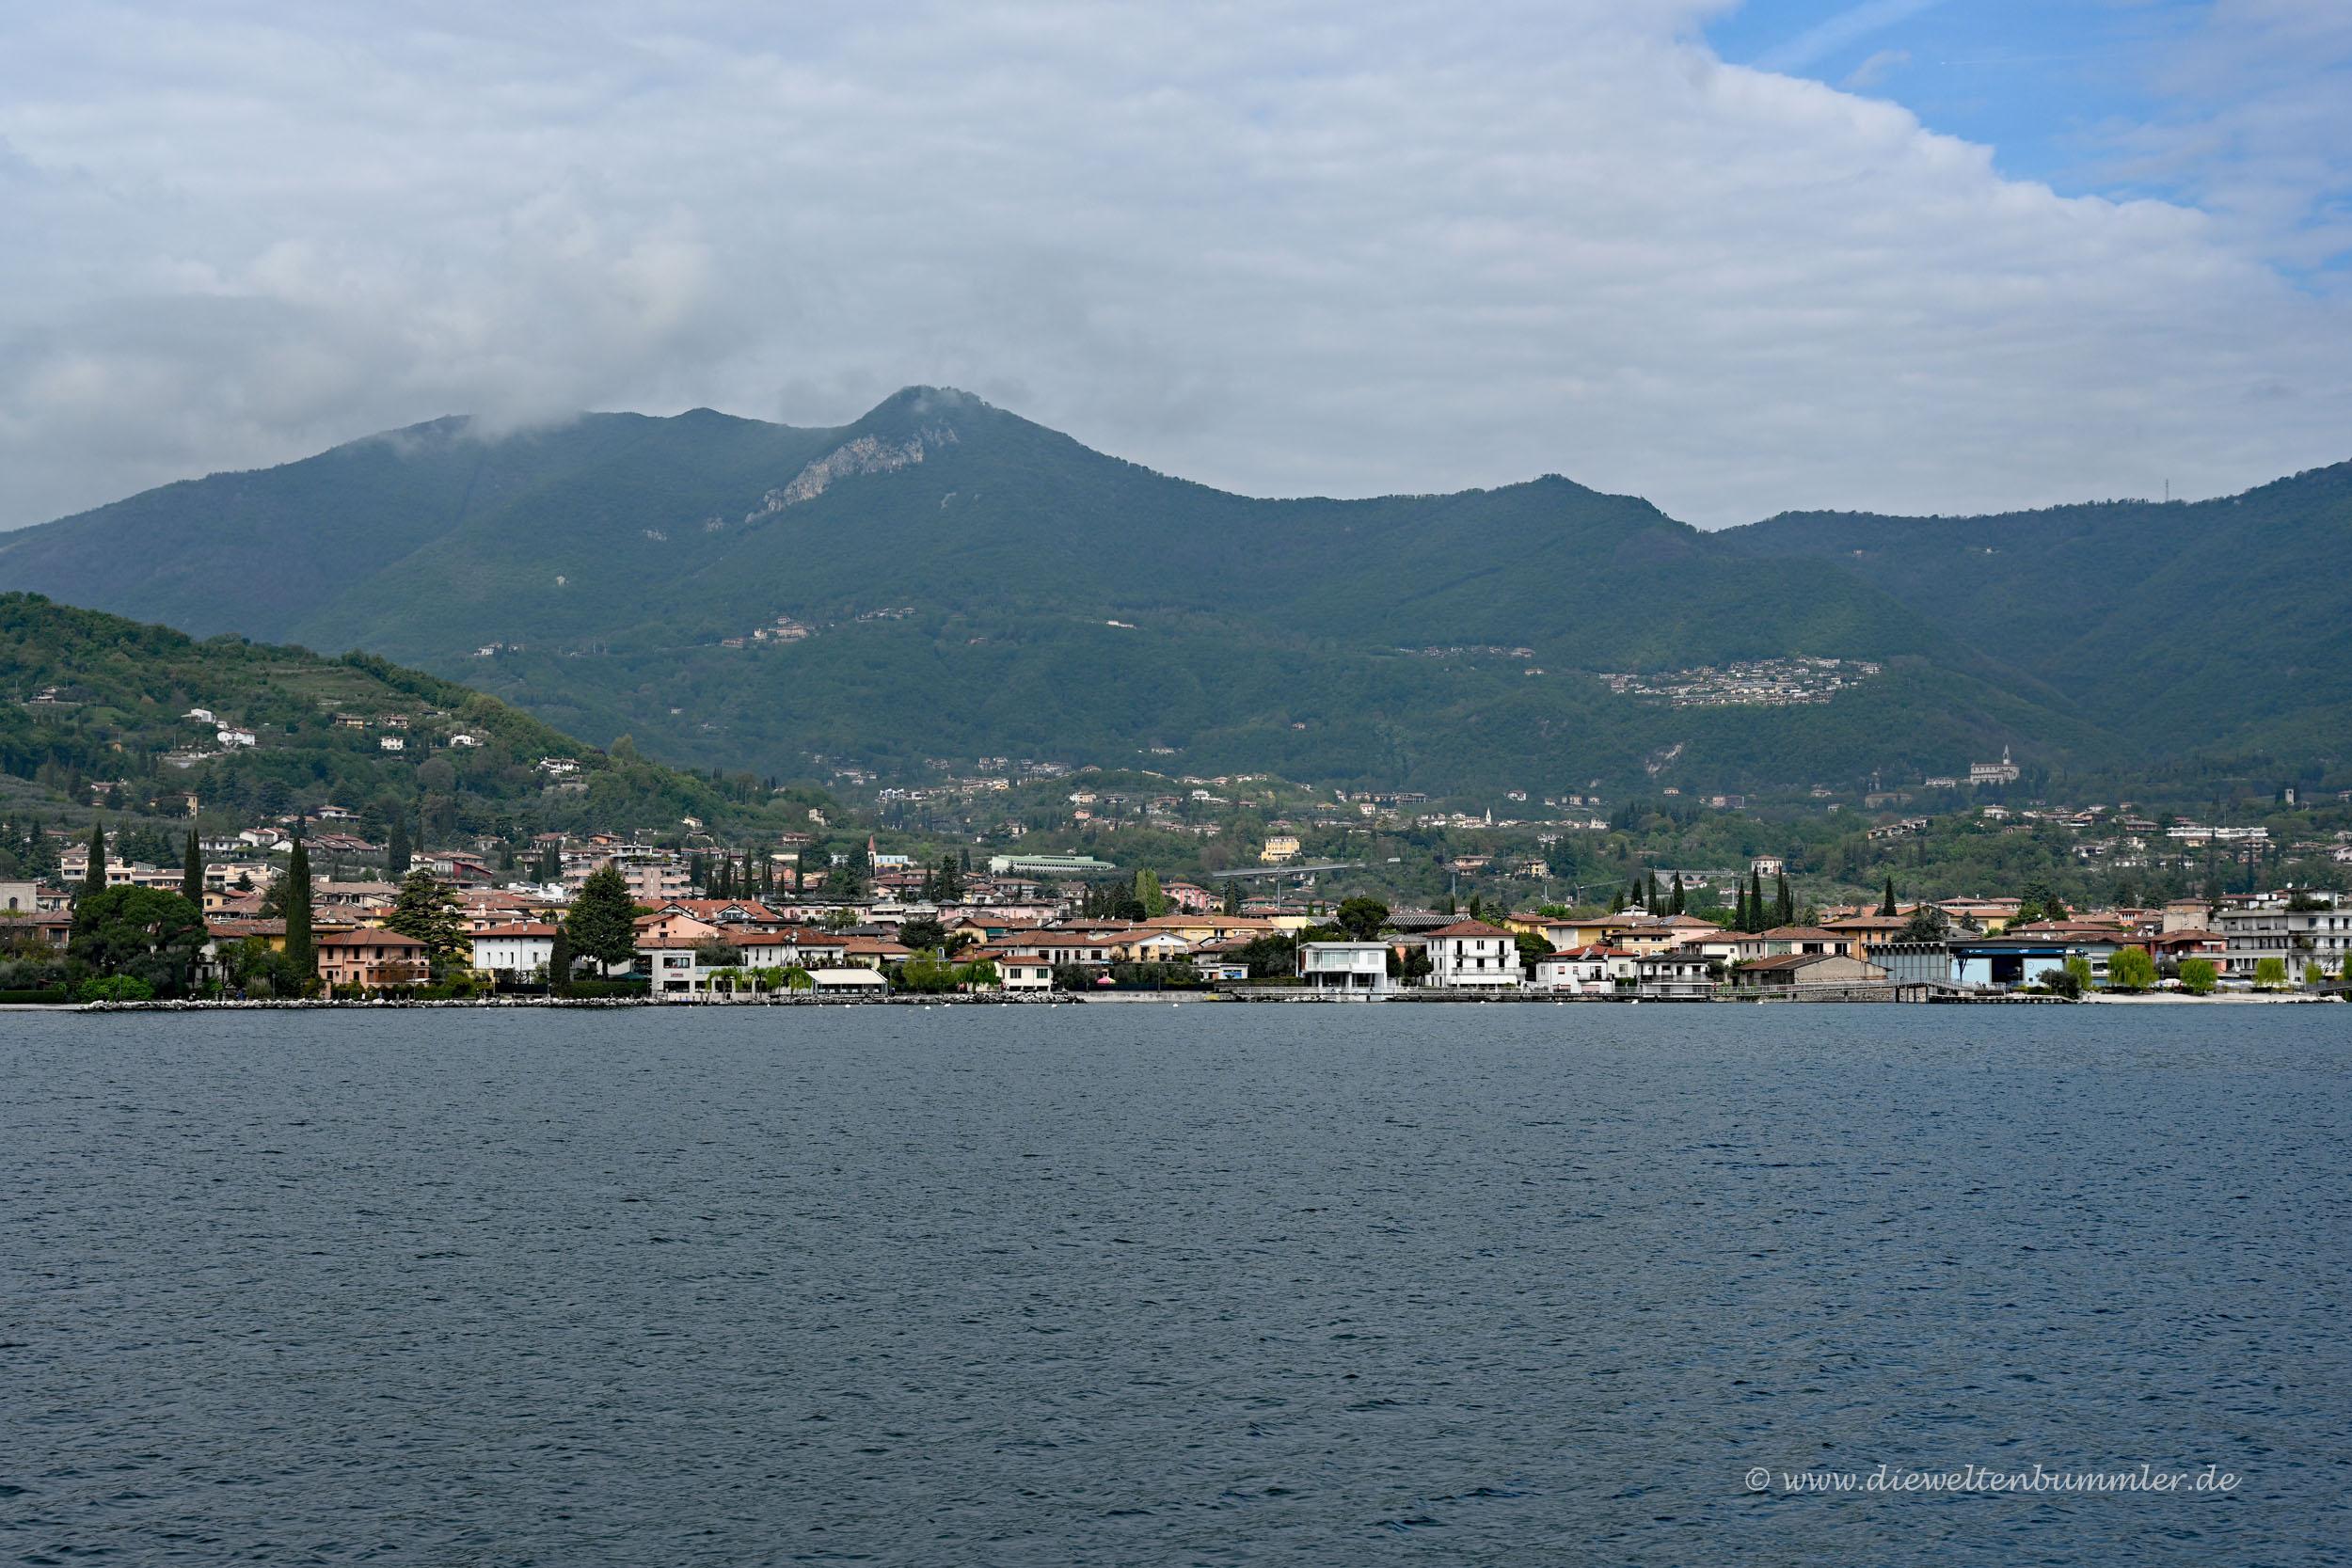 Bucht bei Salo am Gardasee